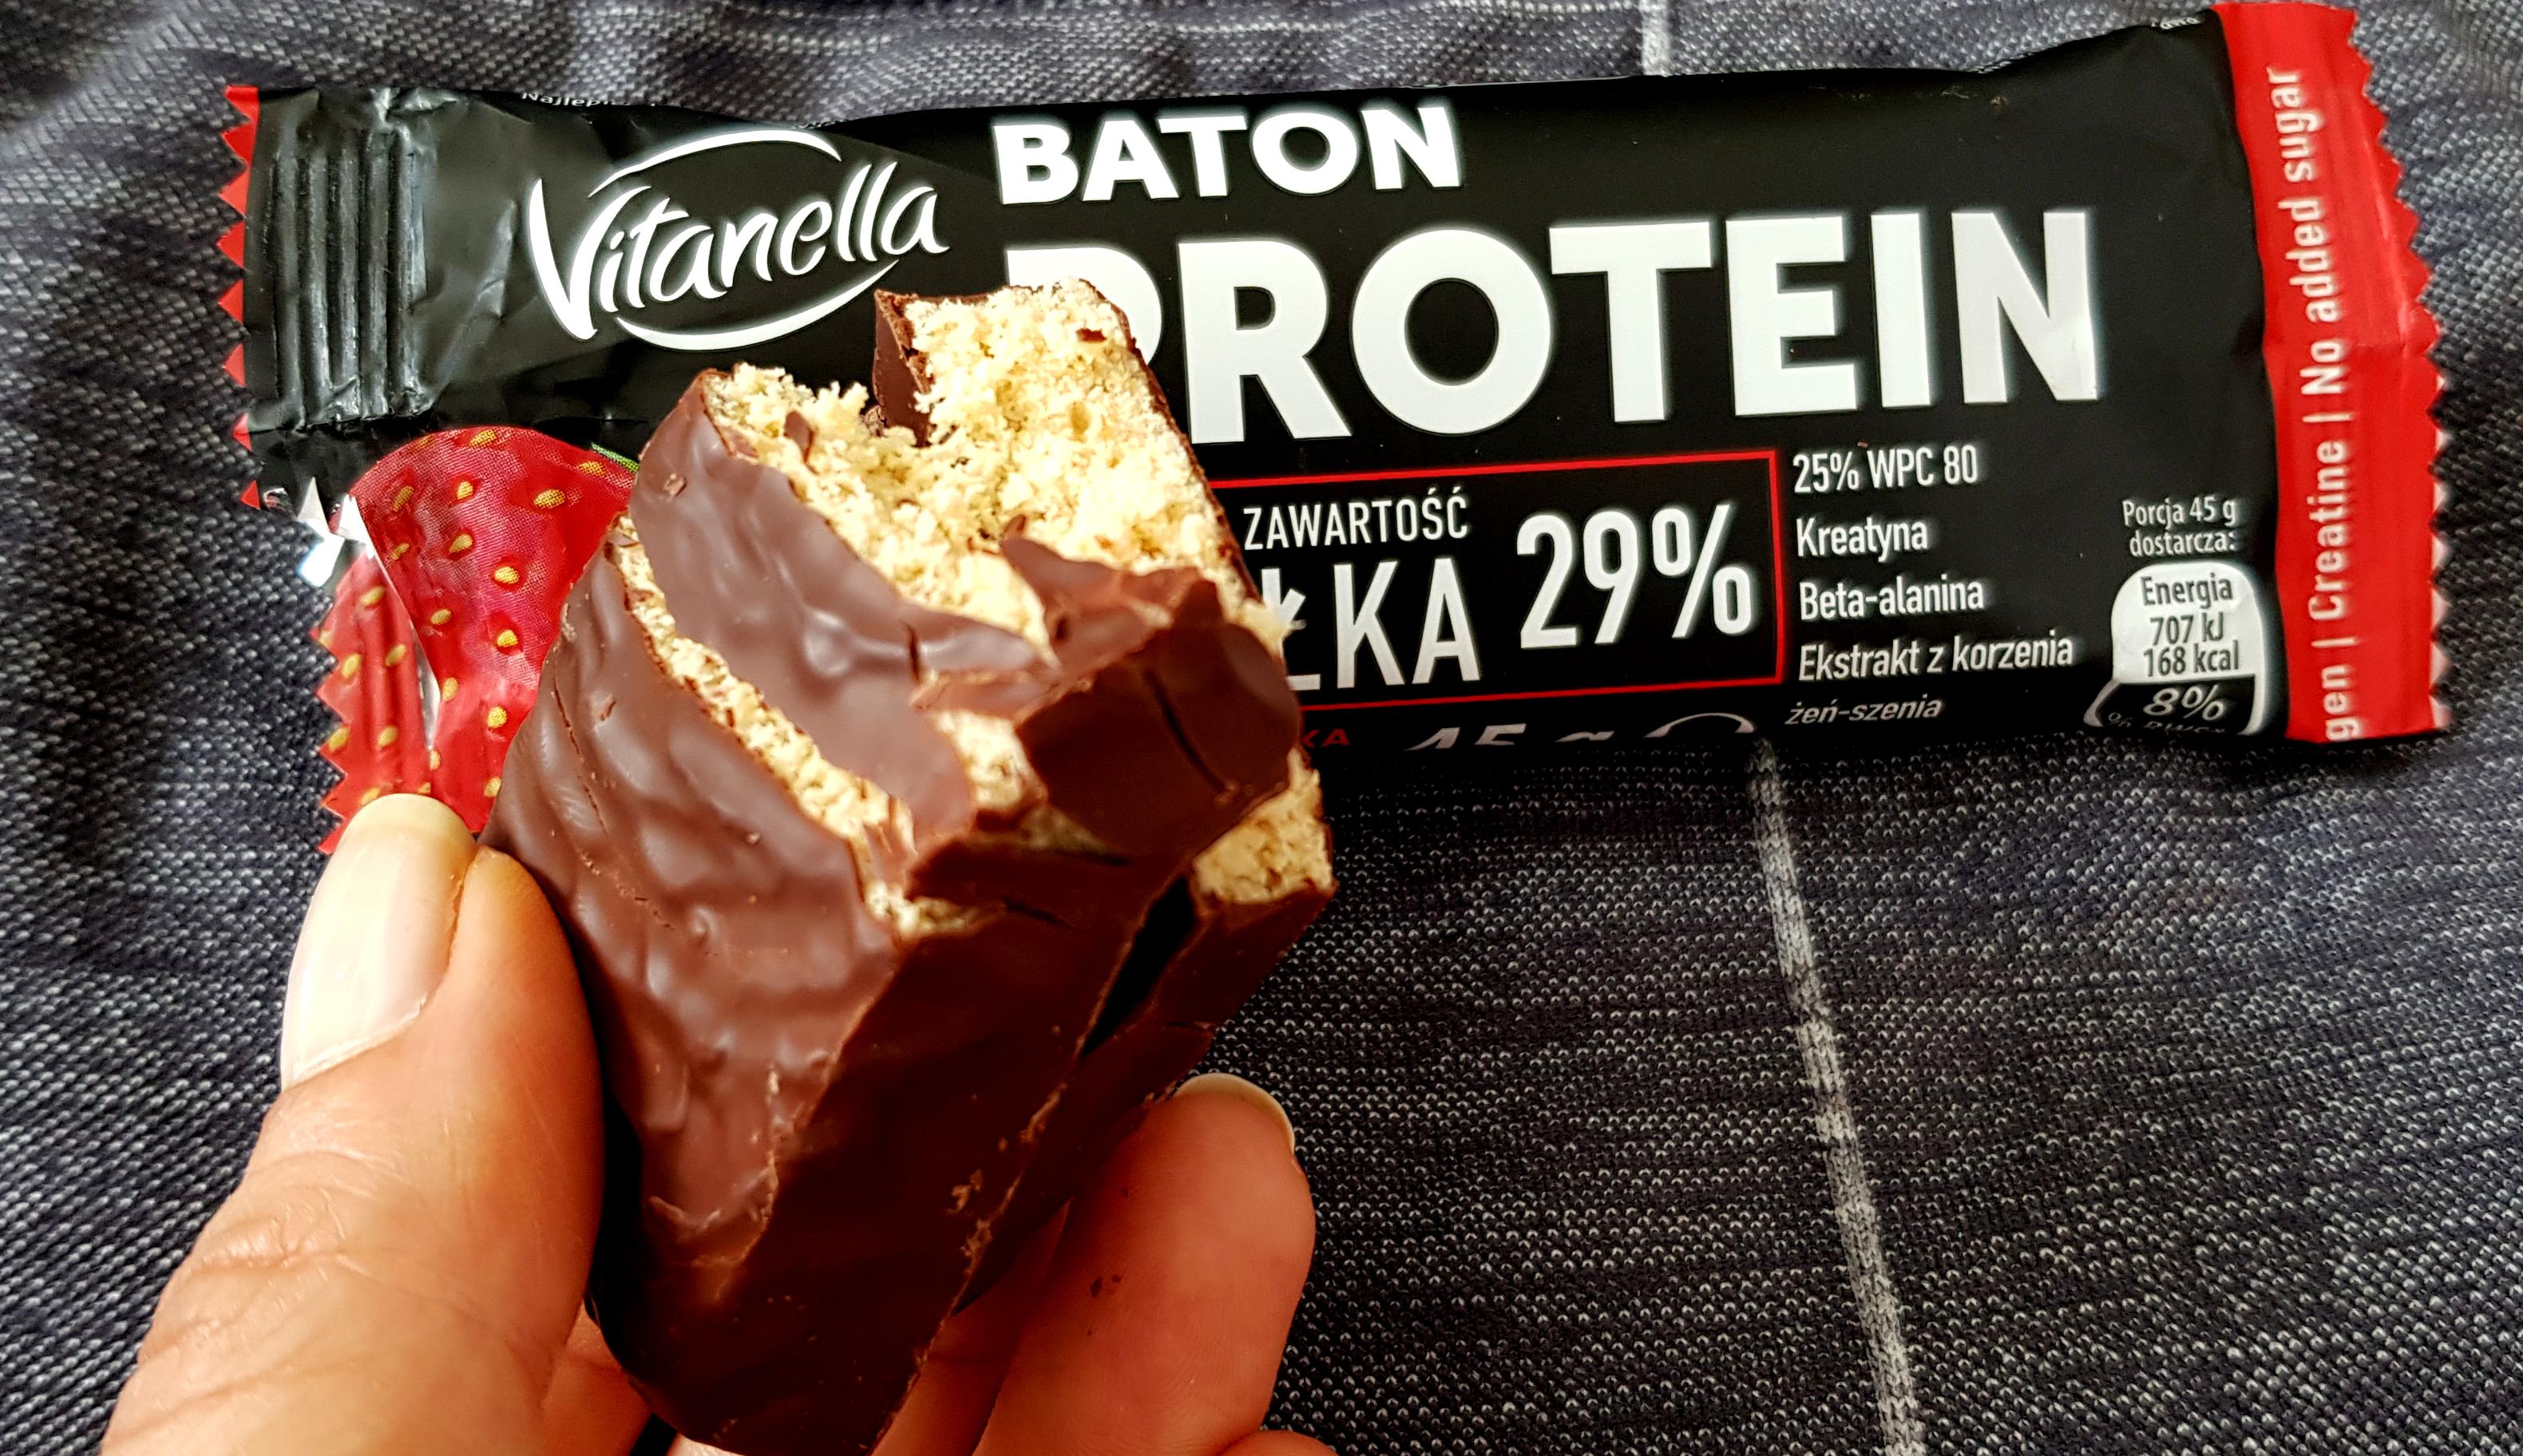 Fit Recenzje: Vitanella Truskawka & Kakao, baton proteinowy